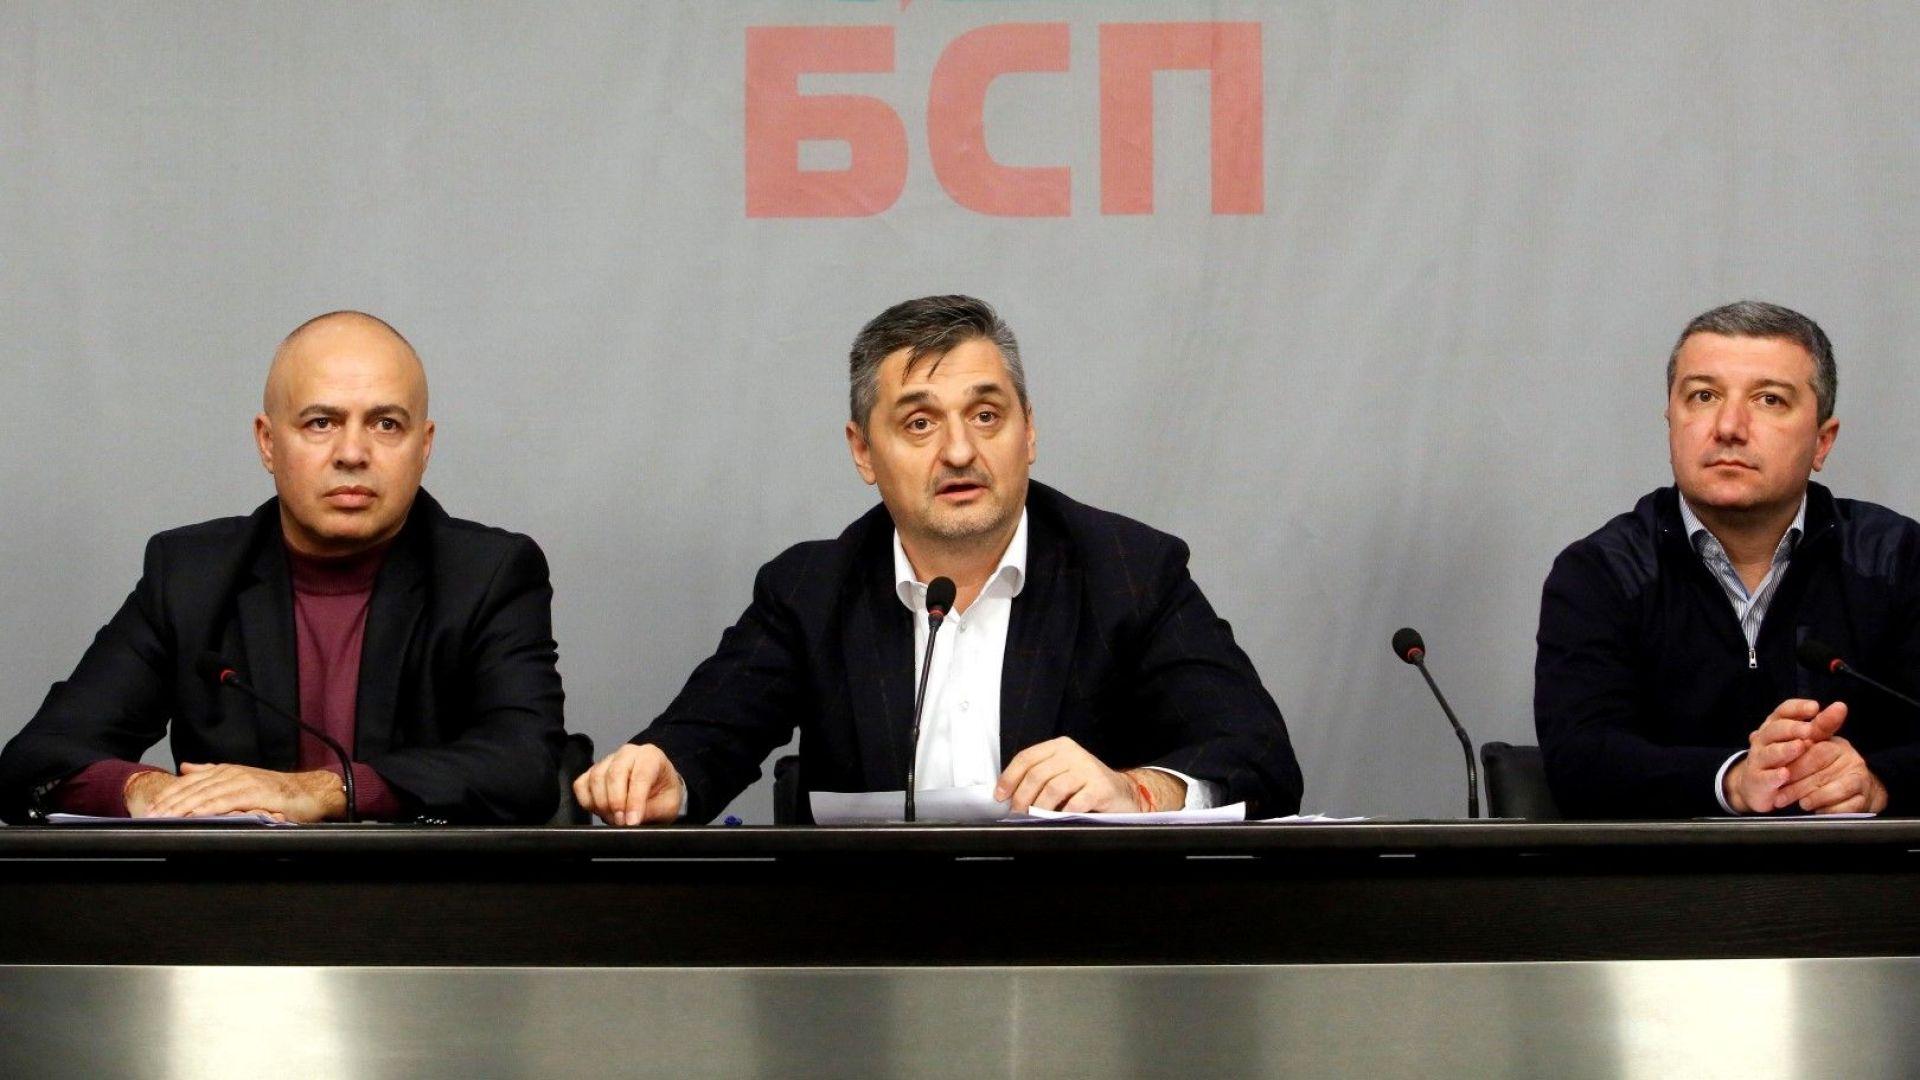 Кирил Добрев: Държавата заобикаля обществените поръчки, темата за пътищата е тъжна